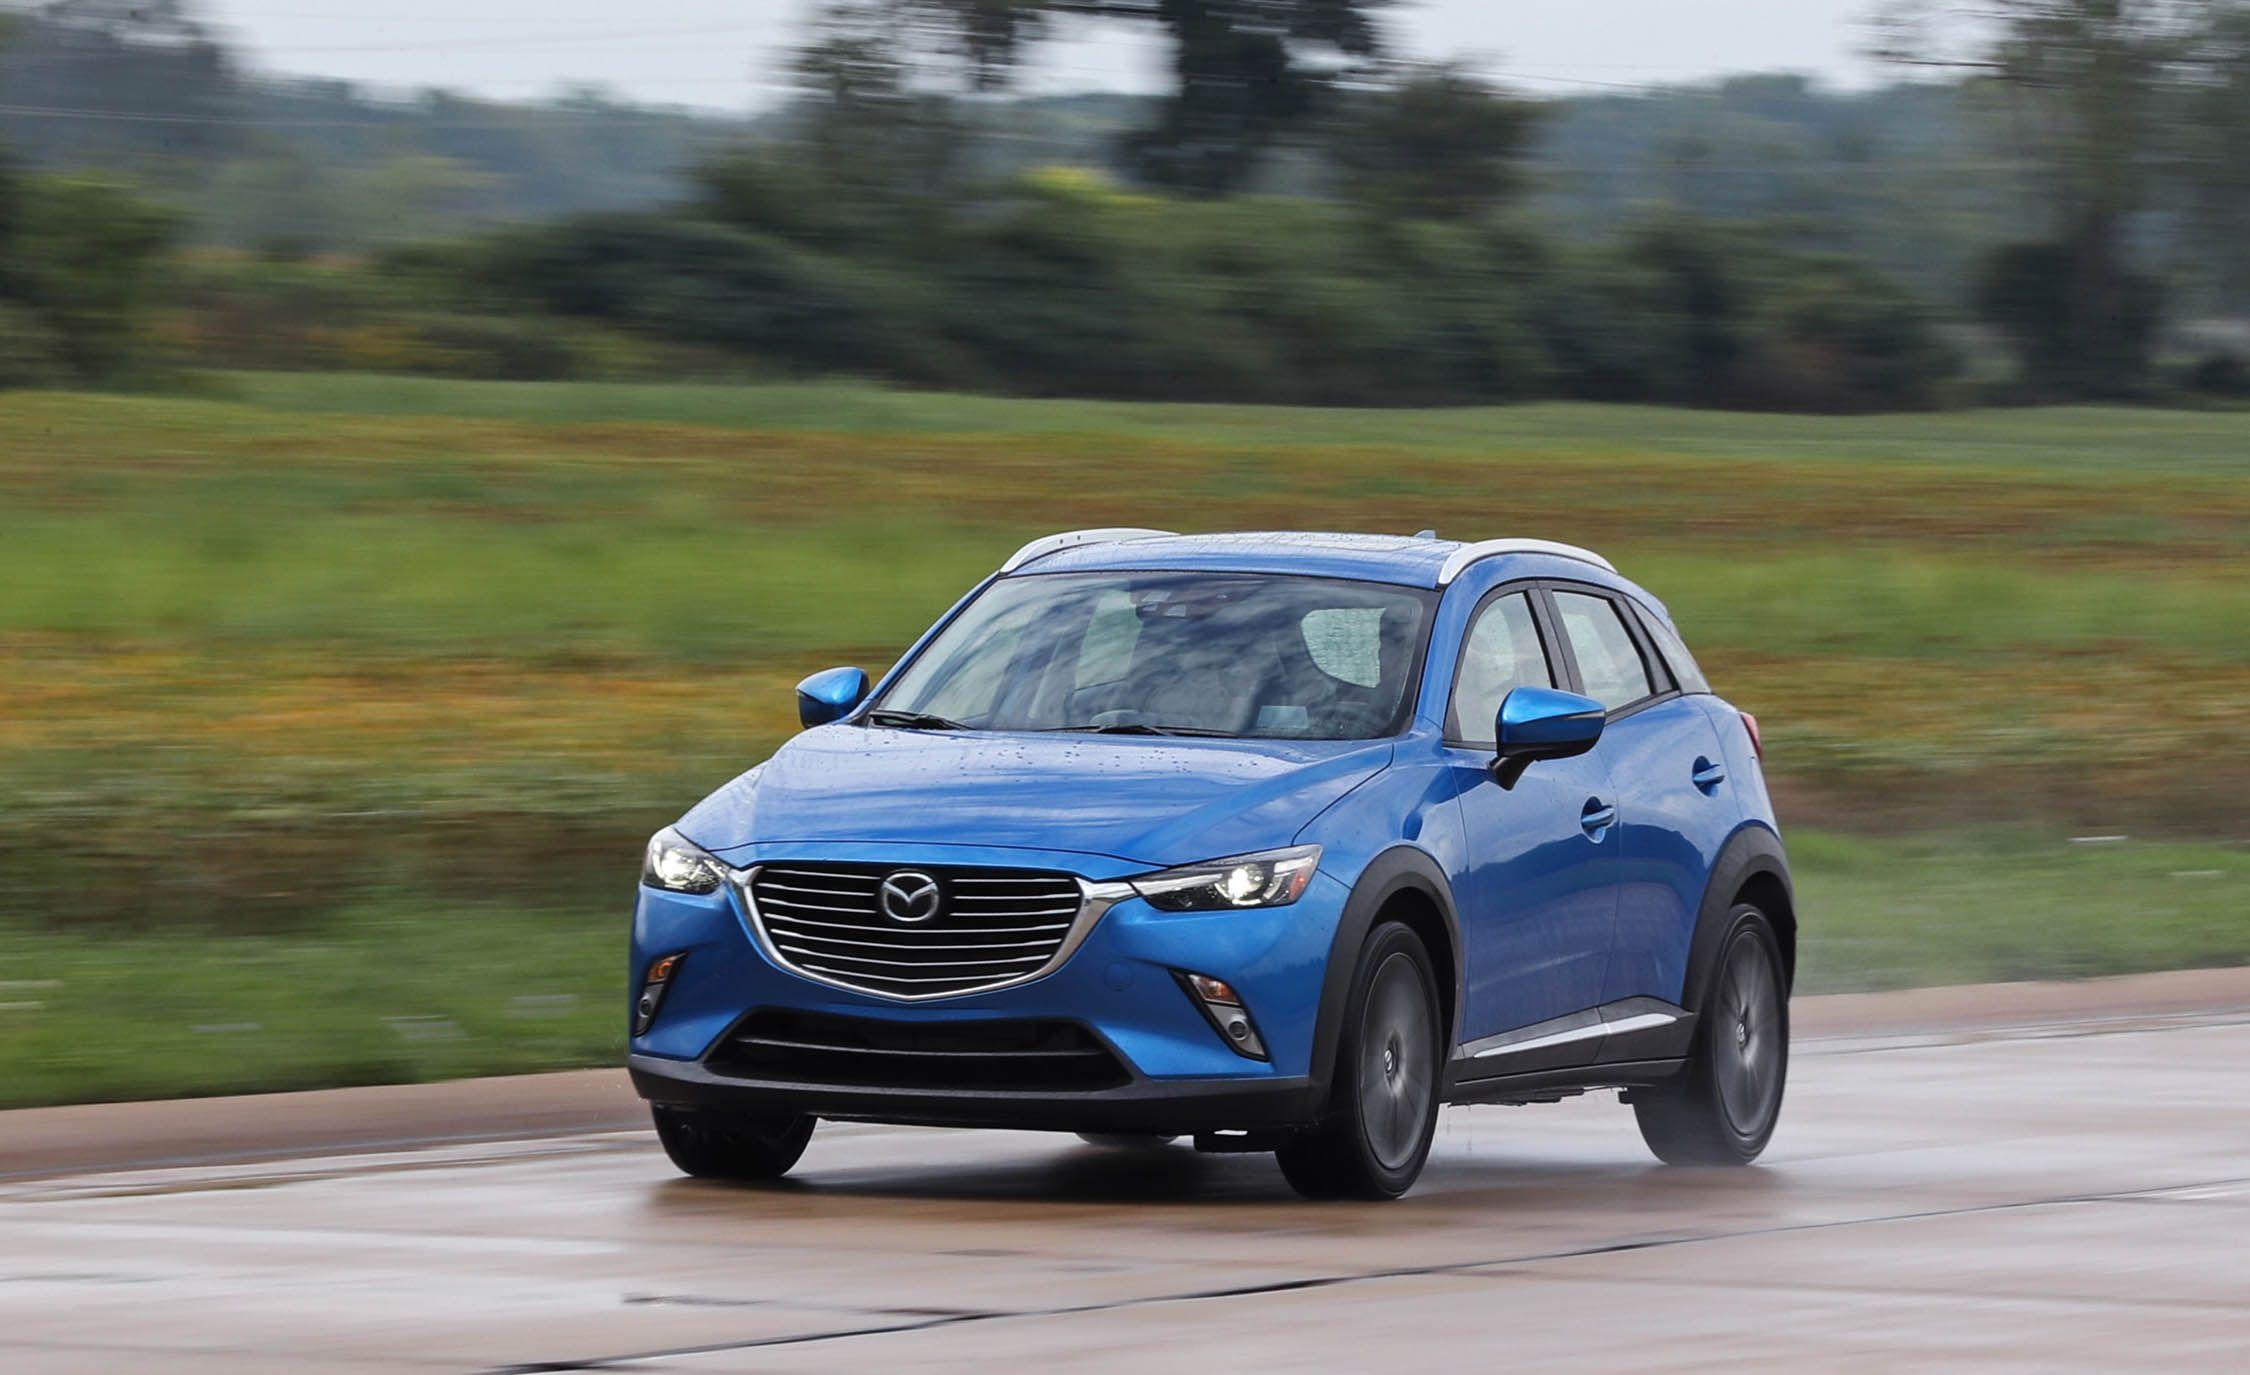 2017 Mazda Cx 3 Mpg